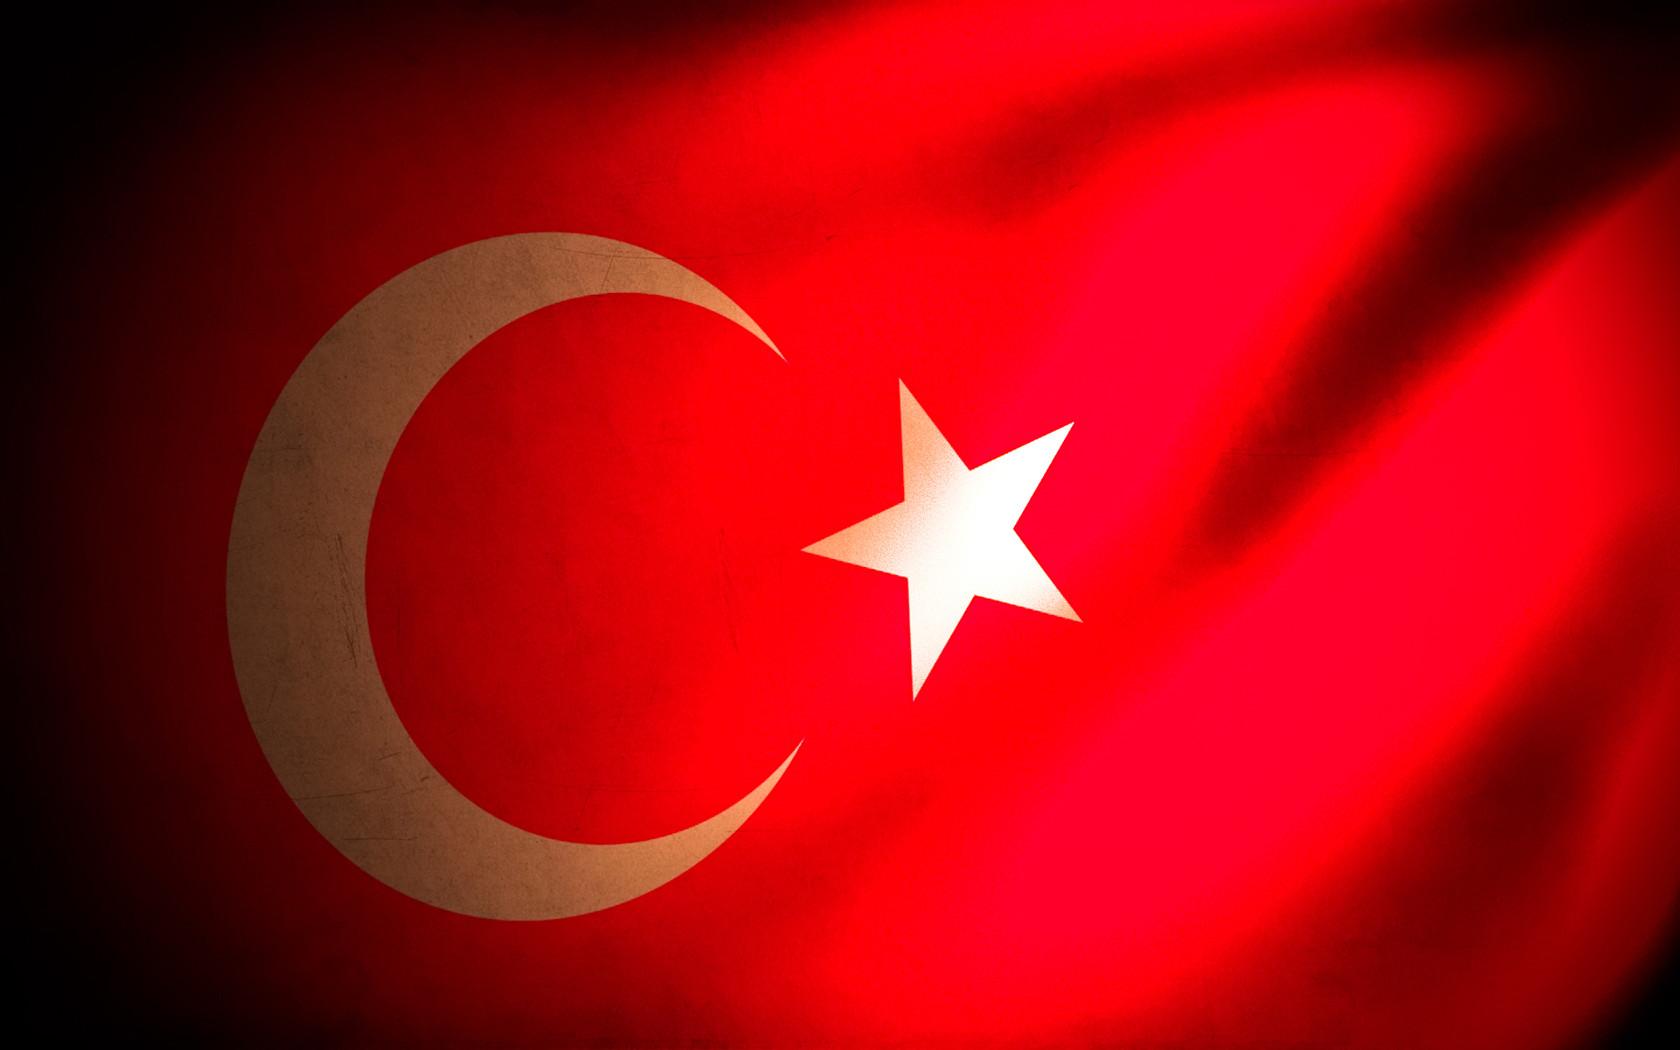 ppt背景 简约ppt背景图片 > 土耳其创意设计ppt背景图片  土耳其国旗